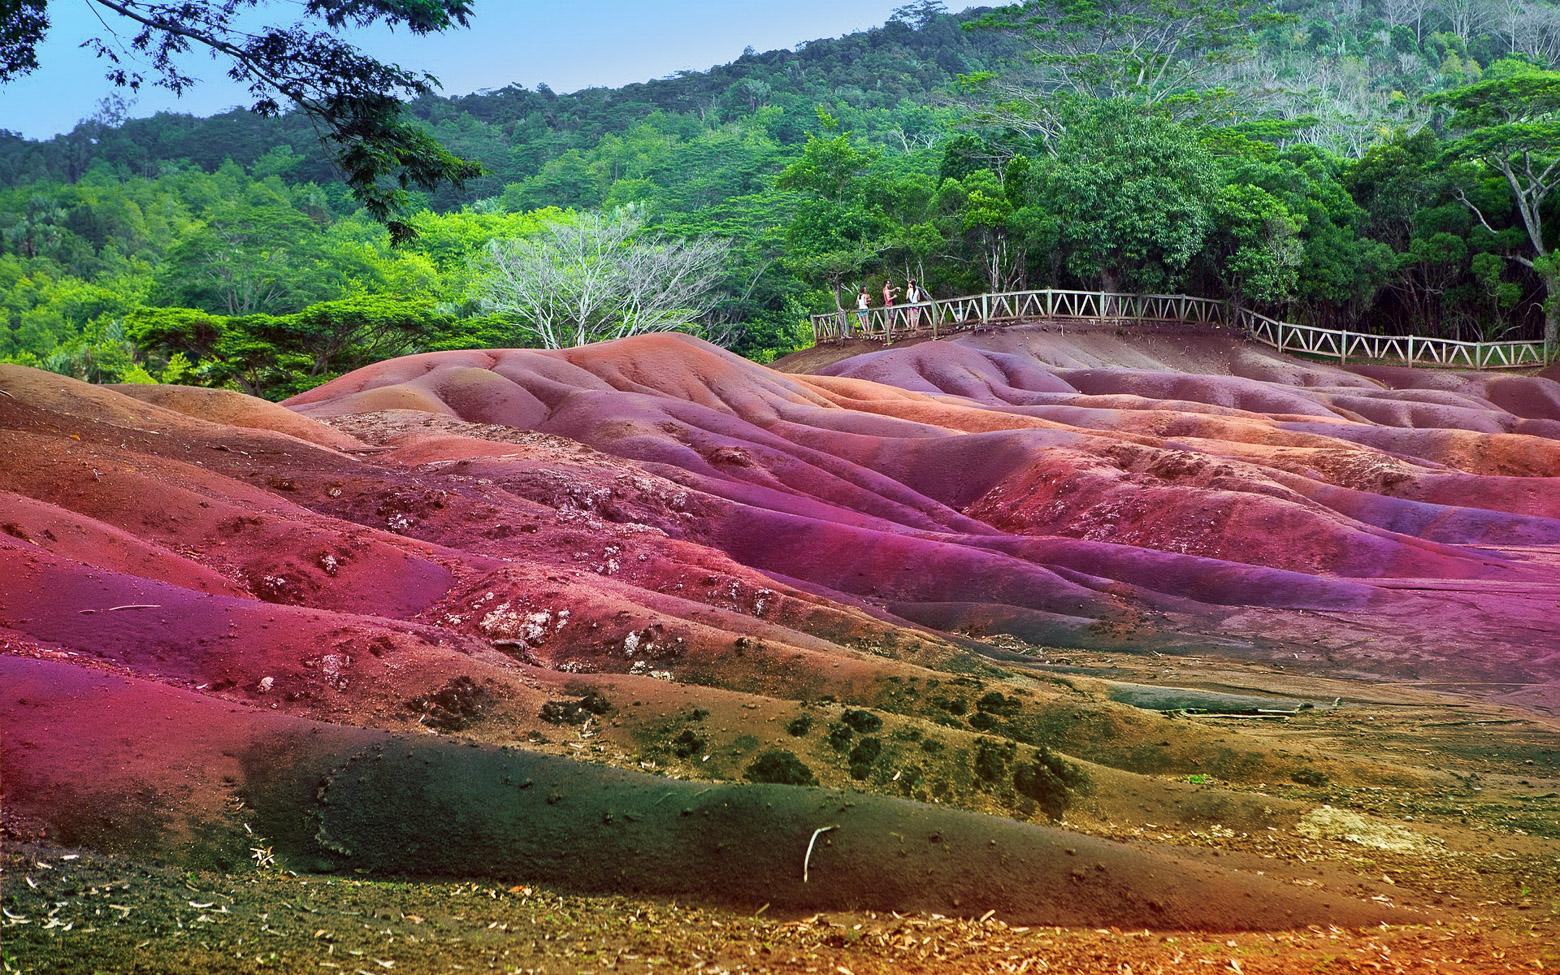 Шамарель - одна из главных достопримечательностей Маврикия